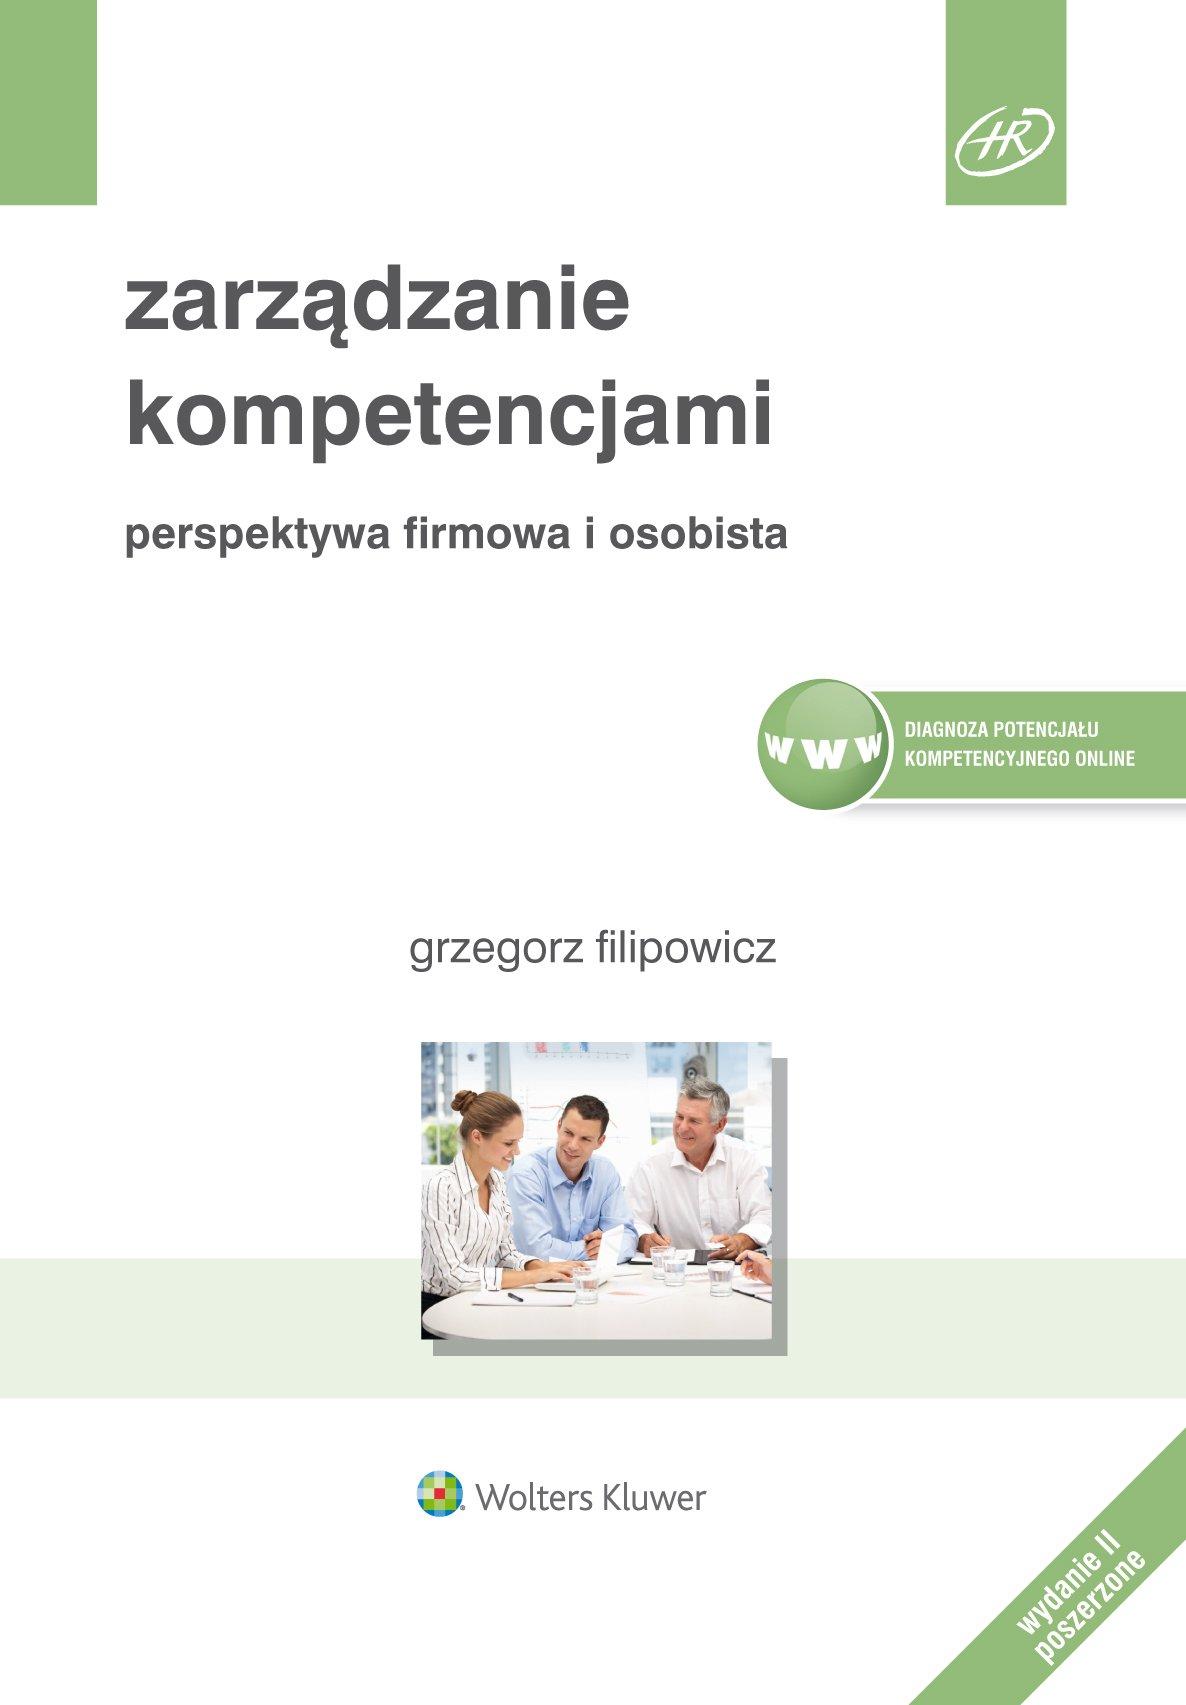 Zarządzanie kompetencjami. Perspektywa firmowa i osobista - Ebook (Książka EPUB) do pobrania w formacie EPUB